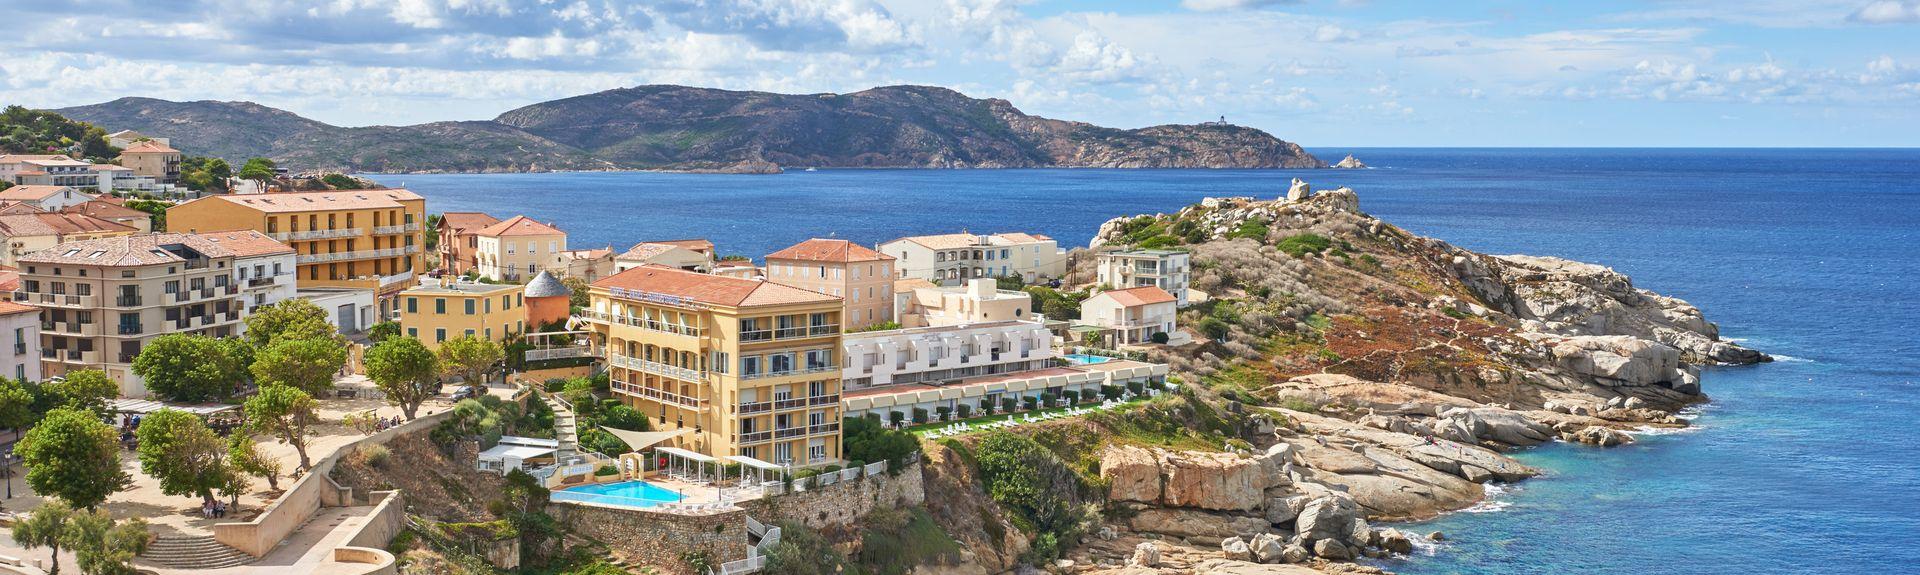 Calvi, Haute-Corse, France